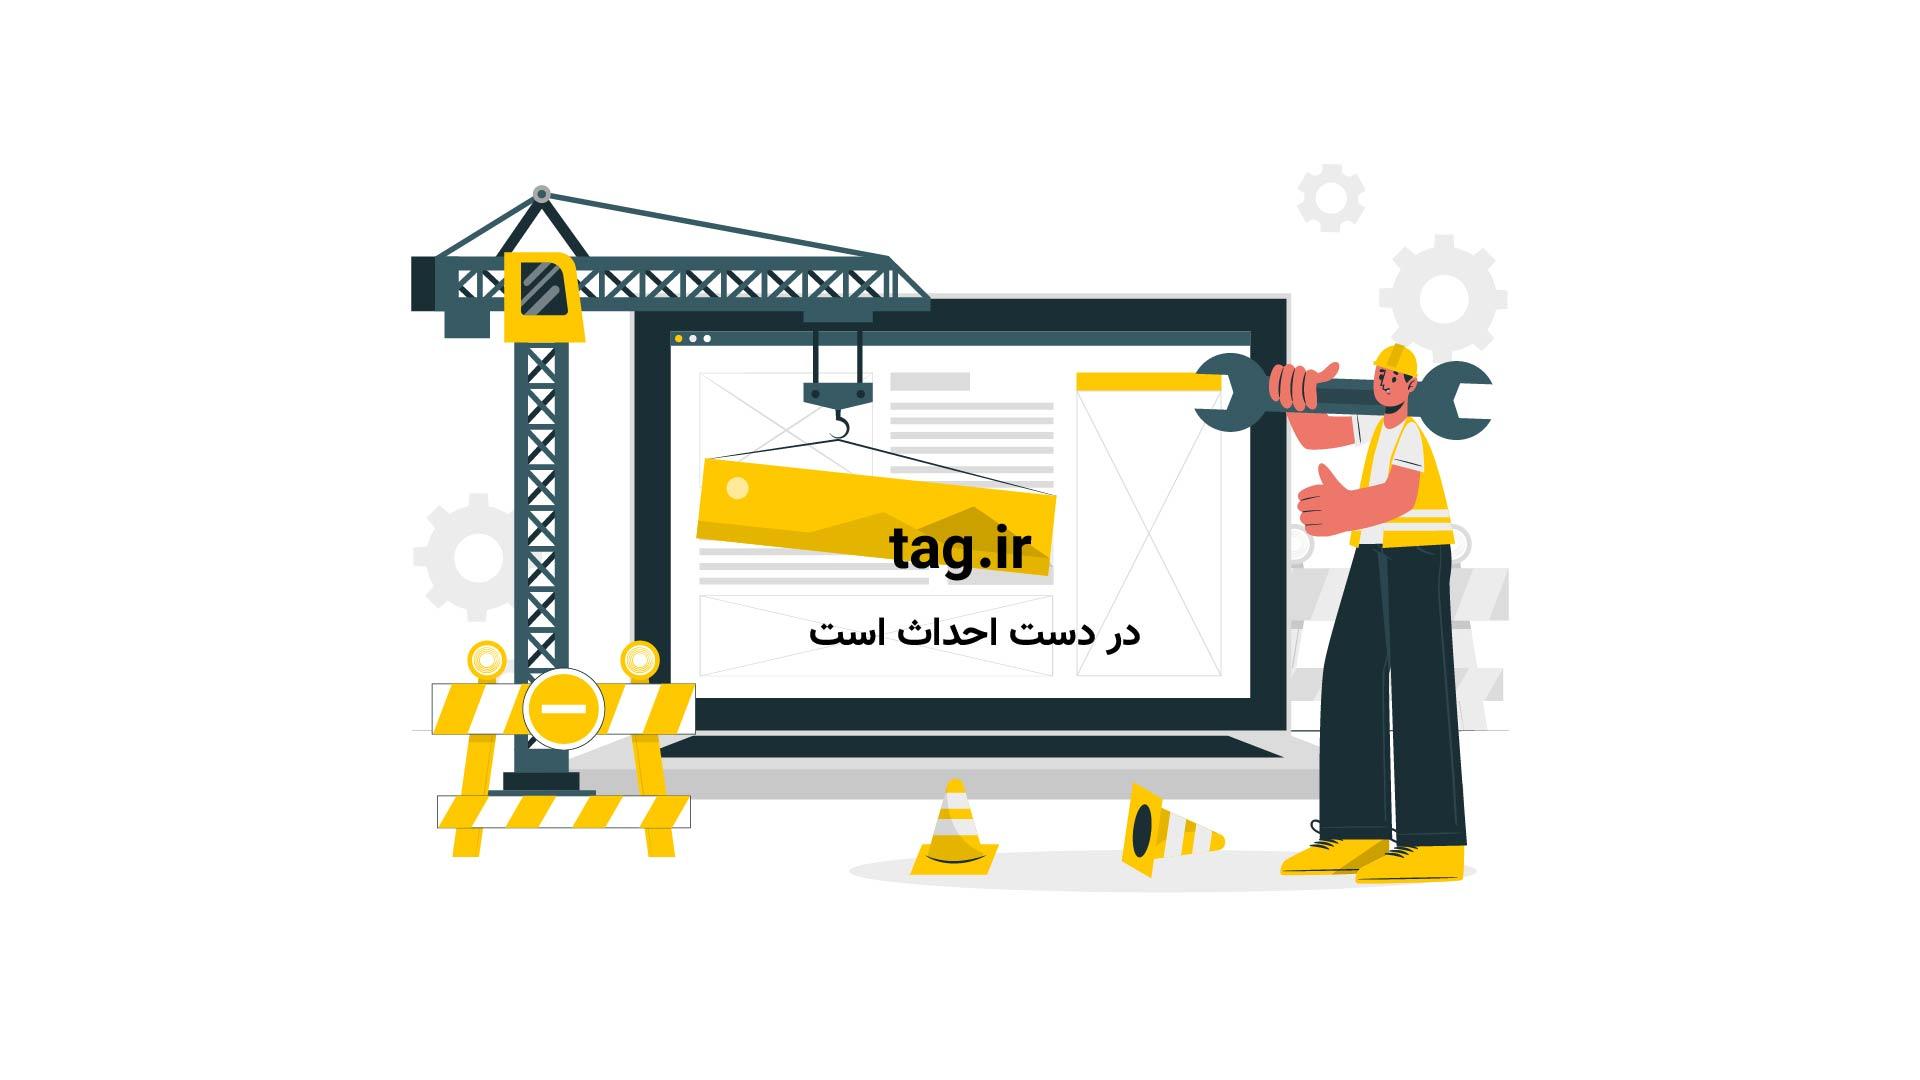 سیاره پولوتو | تگ